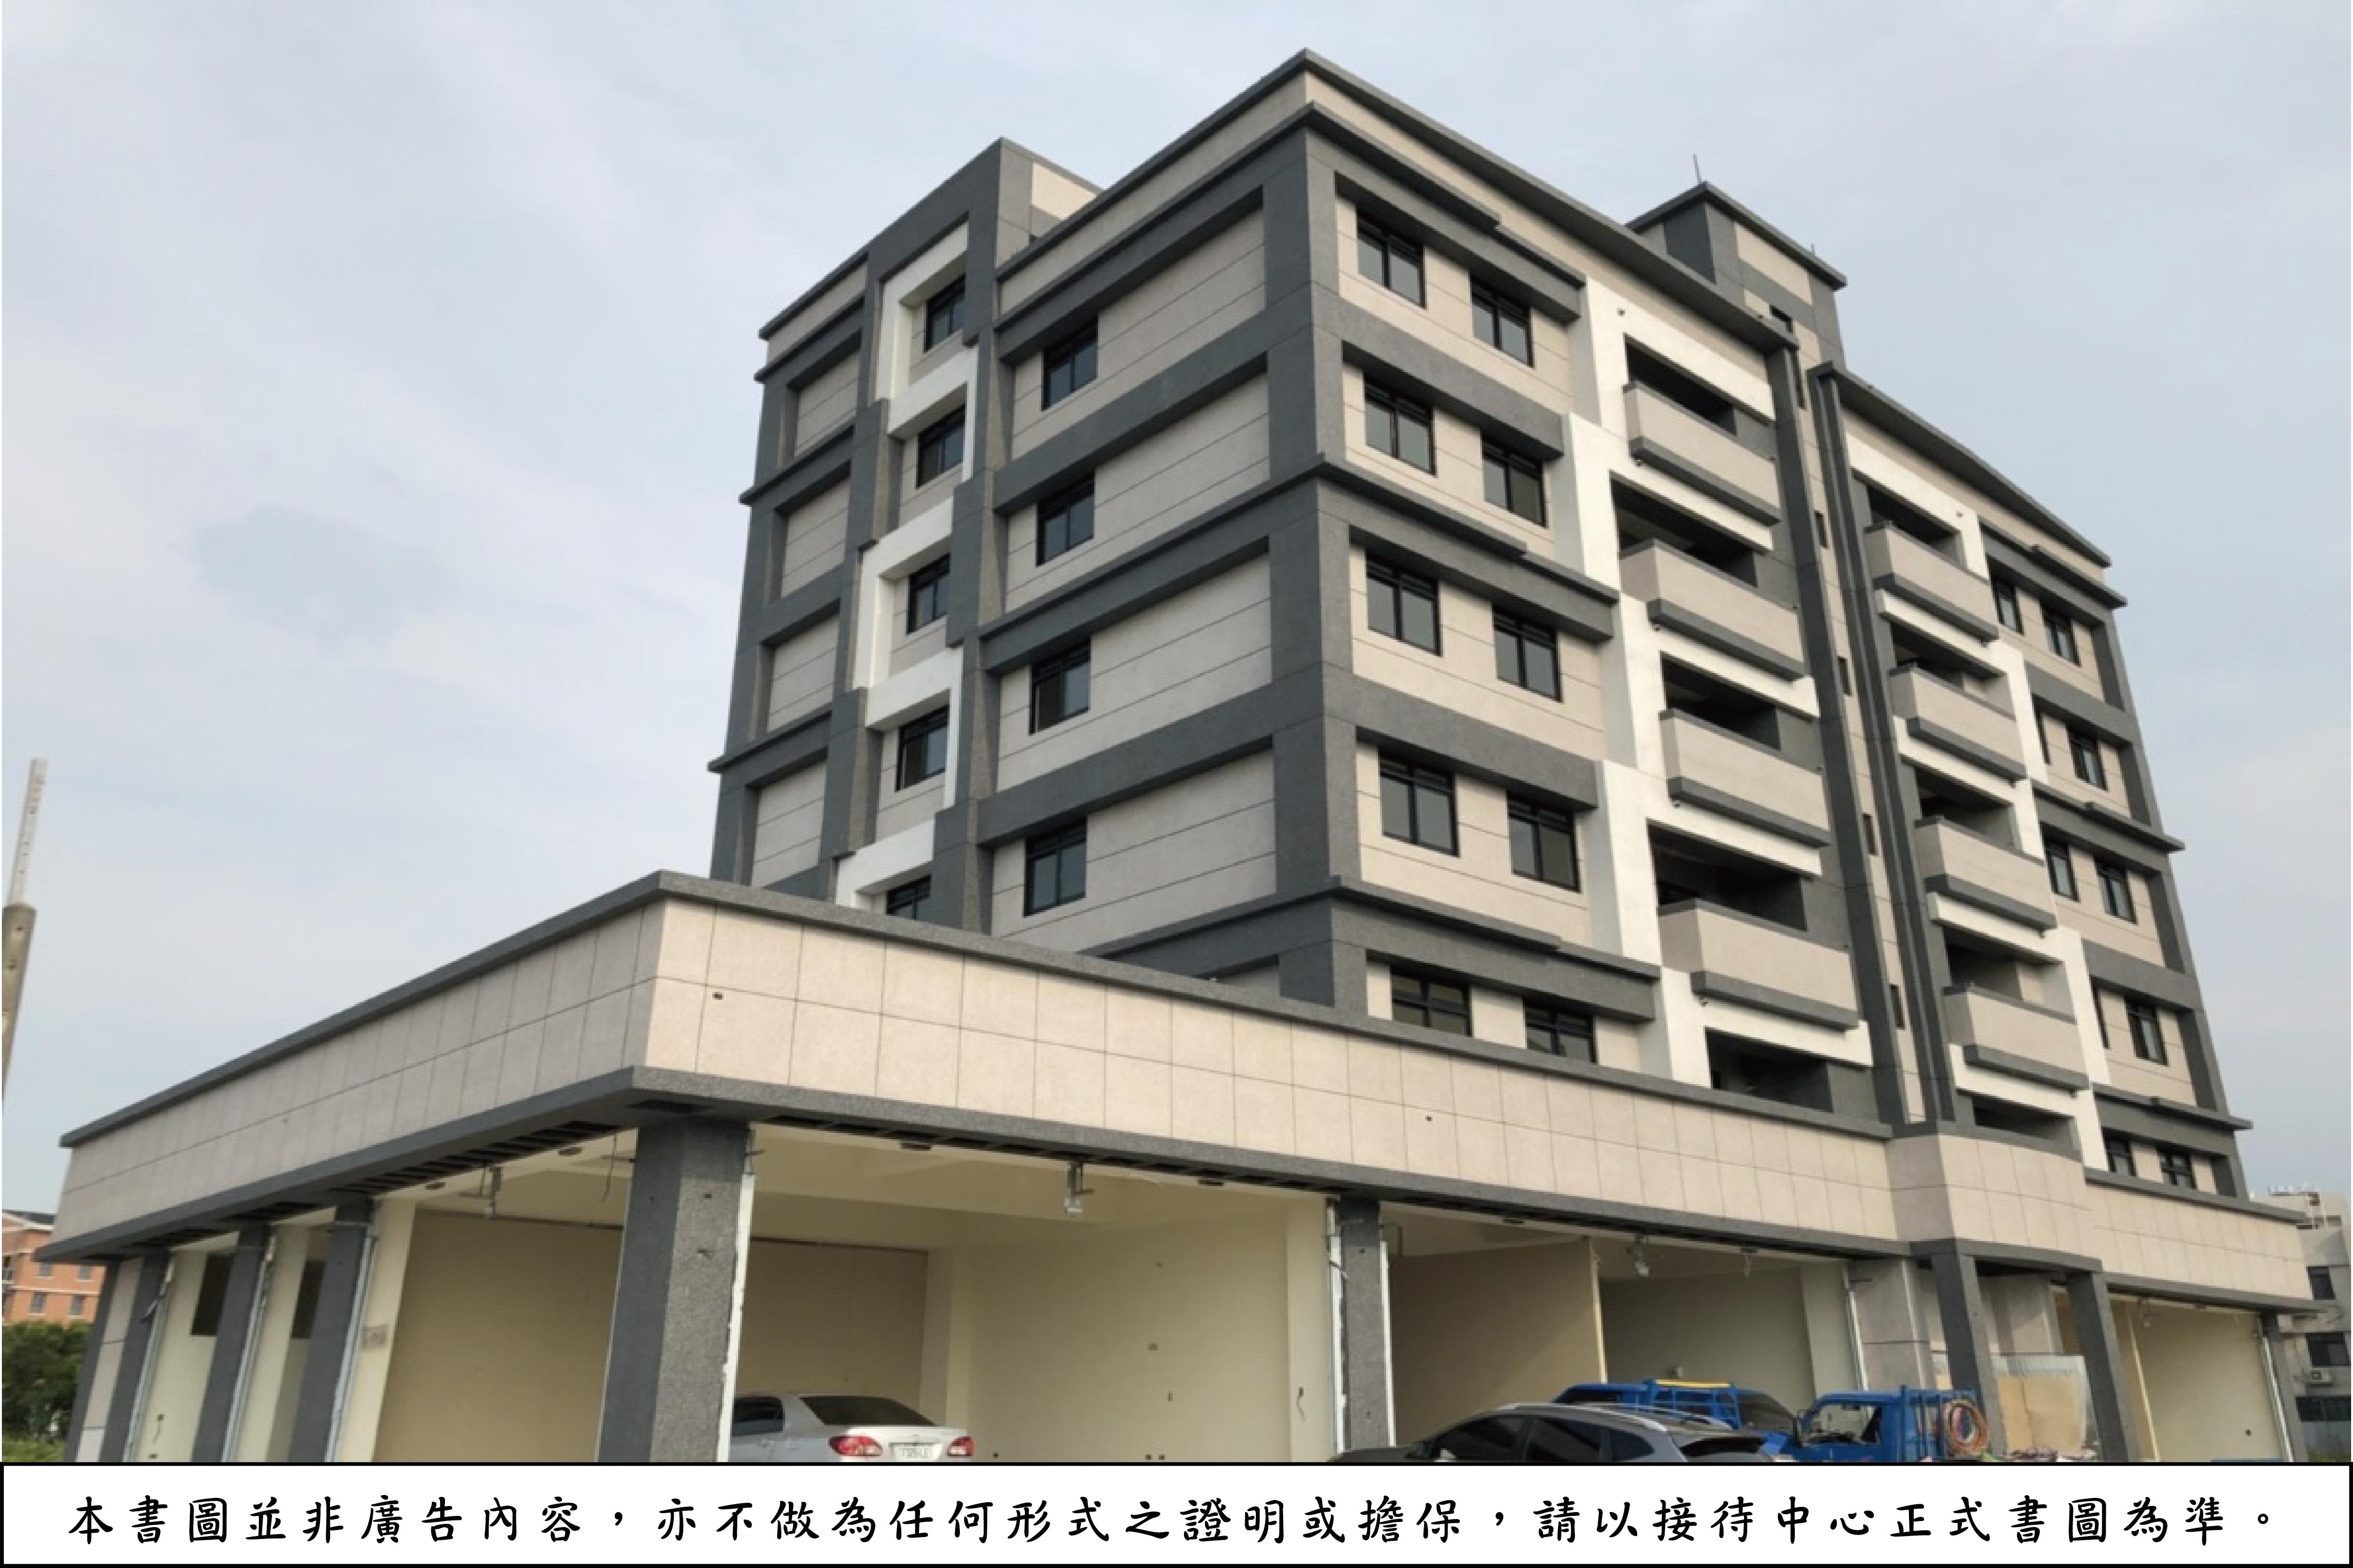 [湖口王爺]嘉梁建設-朗雲天2(大樓)20180425-1.png